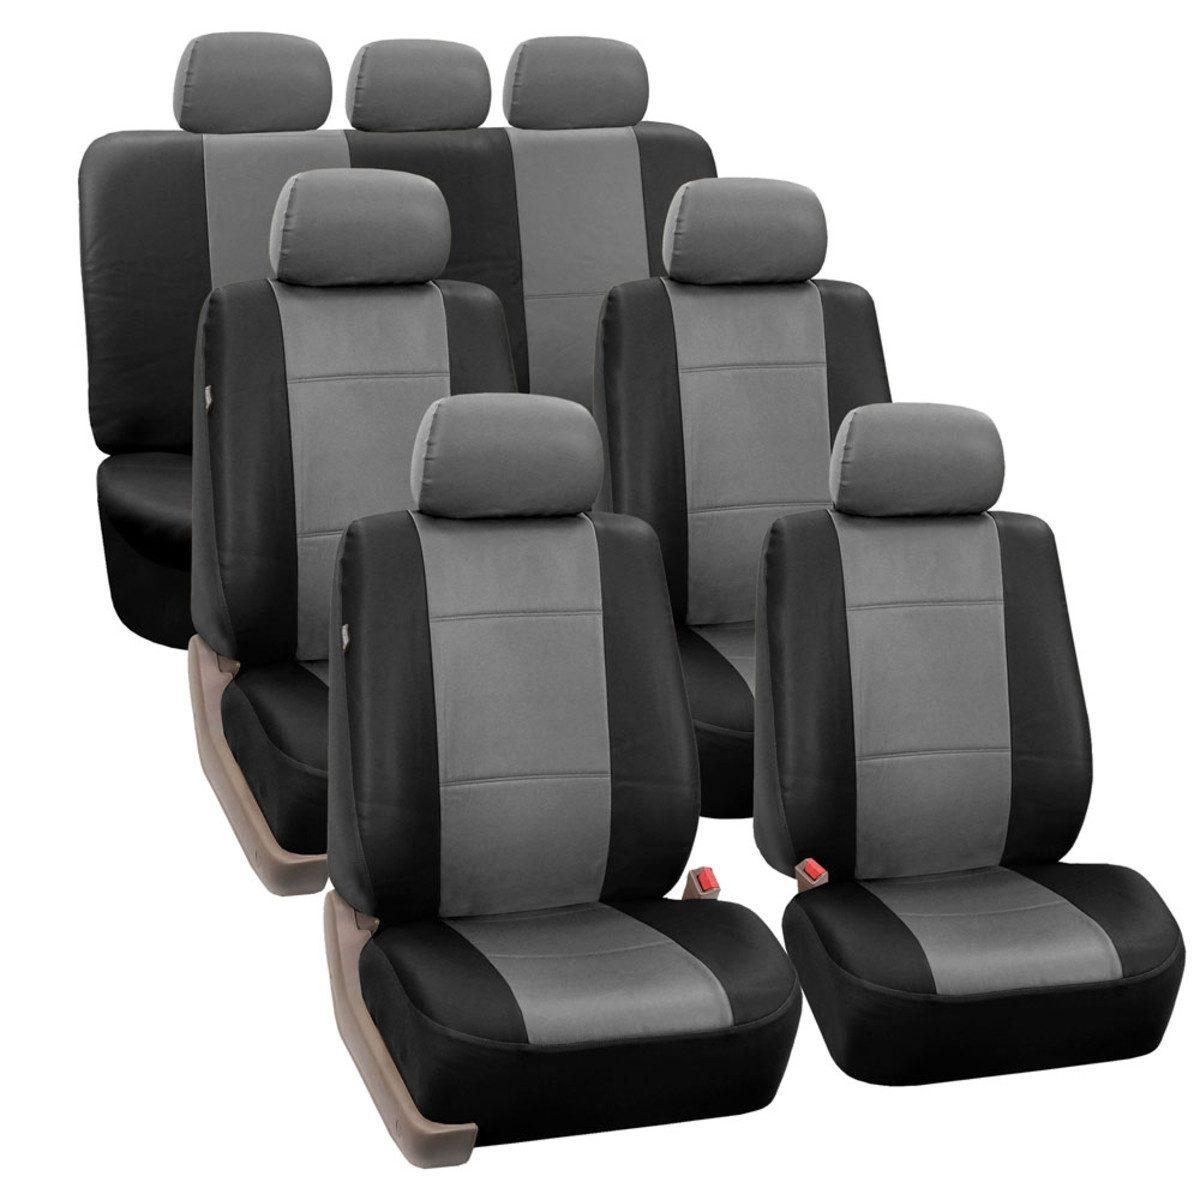 PU002217GRAYBLACK seat cover